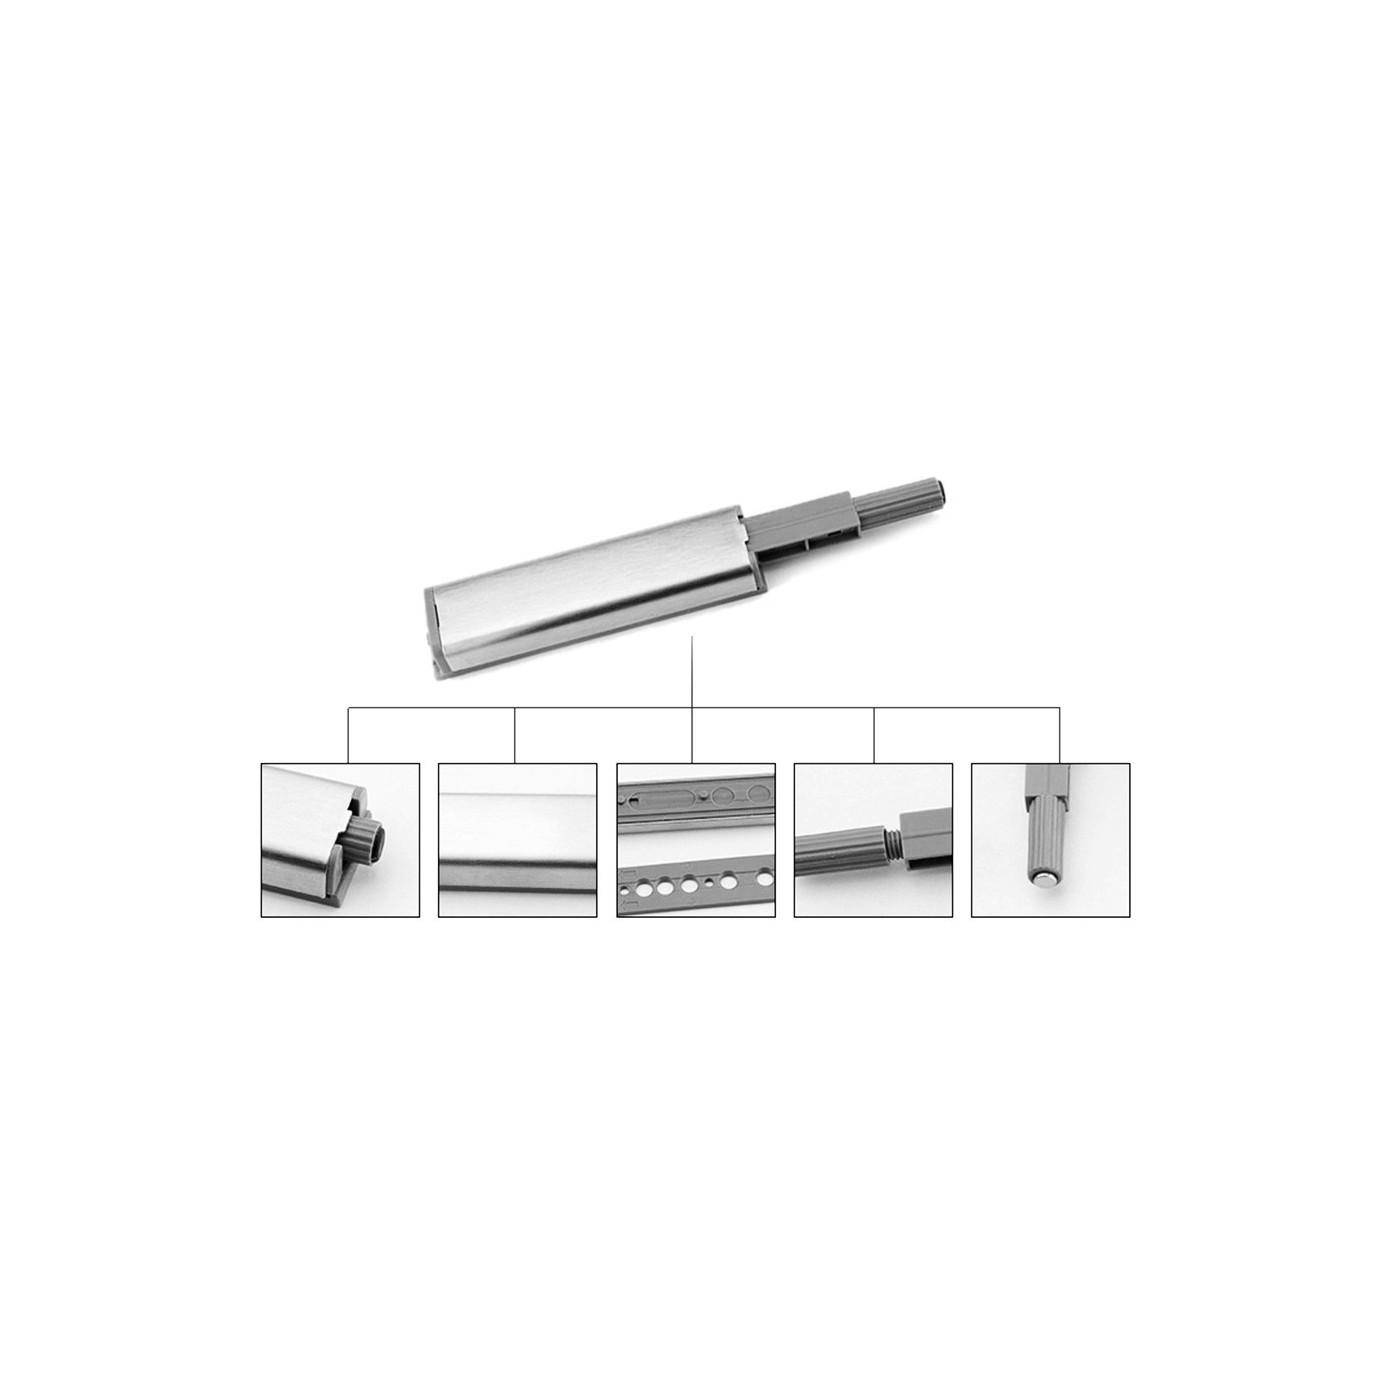 Set van 12 magnetische druksnappers voor kastdeuren  - 1